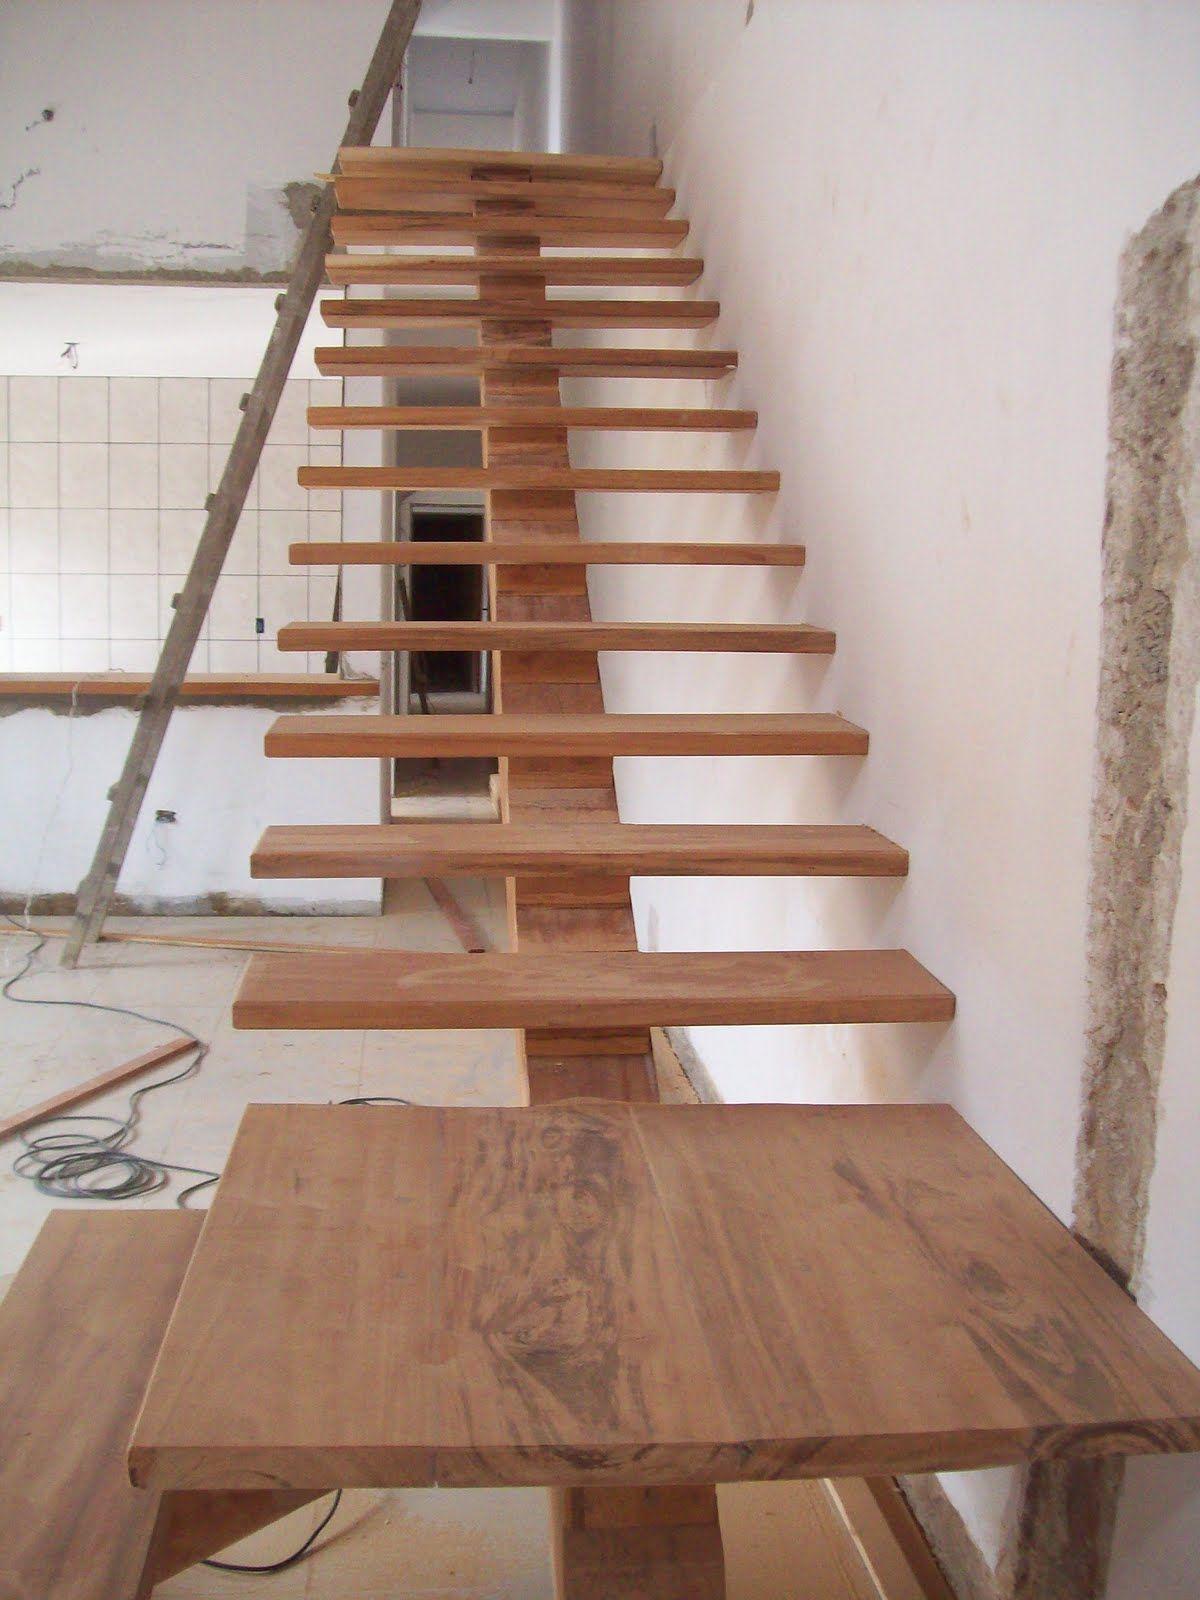 Carpintaria Naval Litoral Norte Escada De Madeira Cambar Em